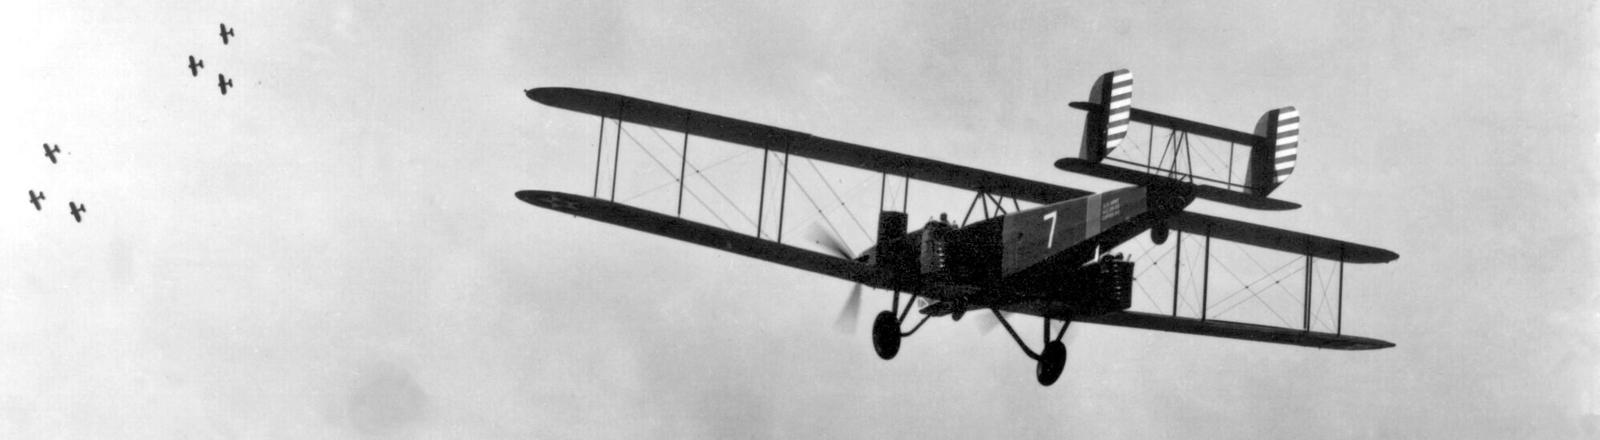 Eine Staffel B-2 Doppeldecker aus dem 1. Weltkrieg im Formationsflug (undatierte Aufnahme).